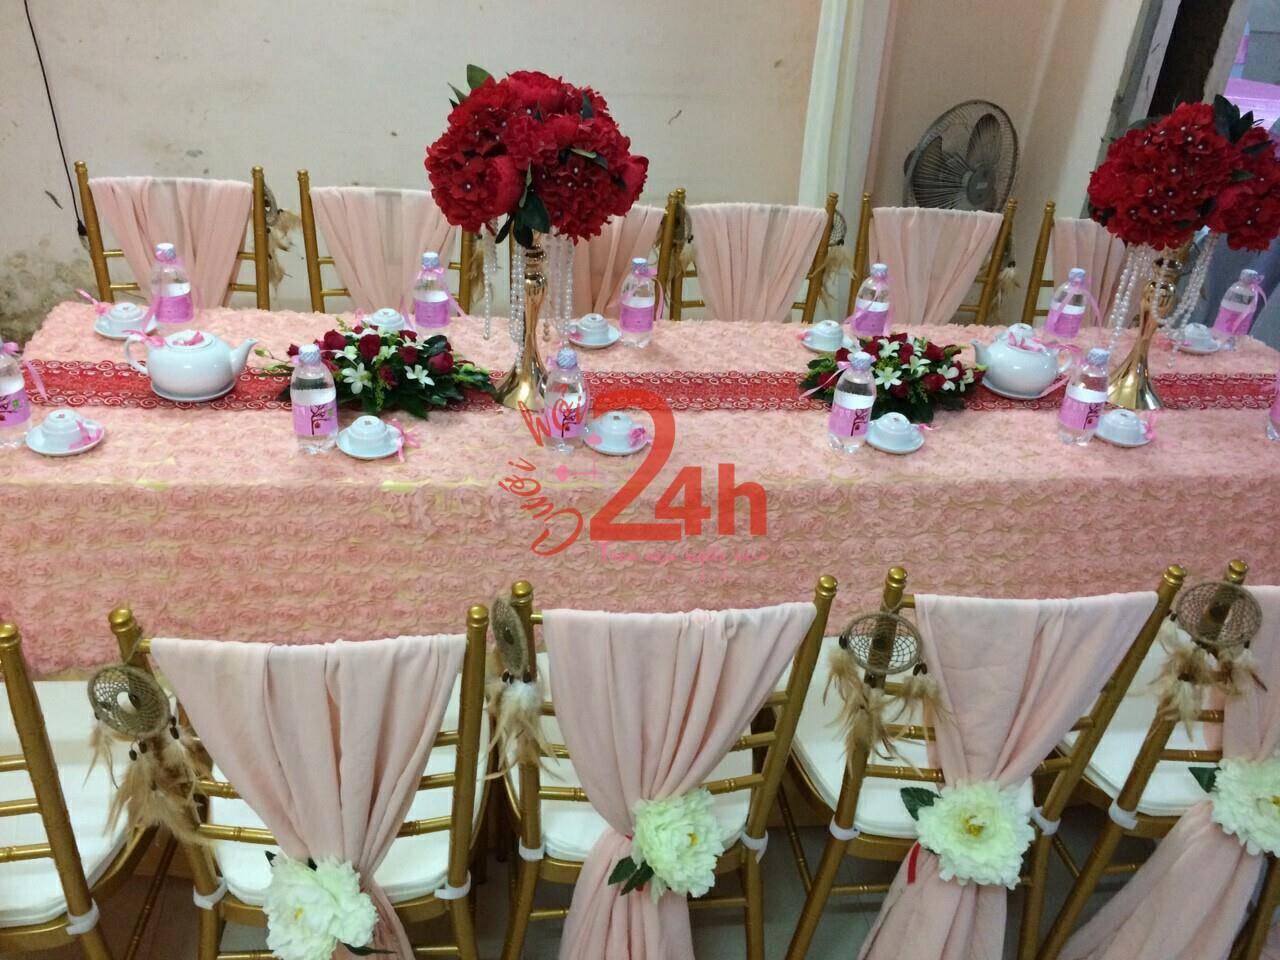 Dịch vụ cưới hỏi 24h trọn vẹn ngày vui chuyên trang trí nhà đám cưới hỏi và nhà hàng tiệc cưới | Bình hoa hồng đỏ để trên bàn hai họ trông rất đẹp